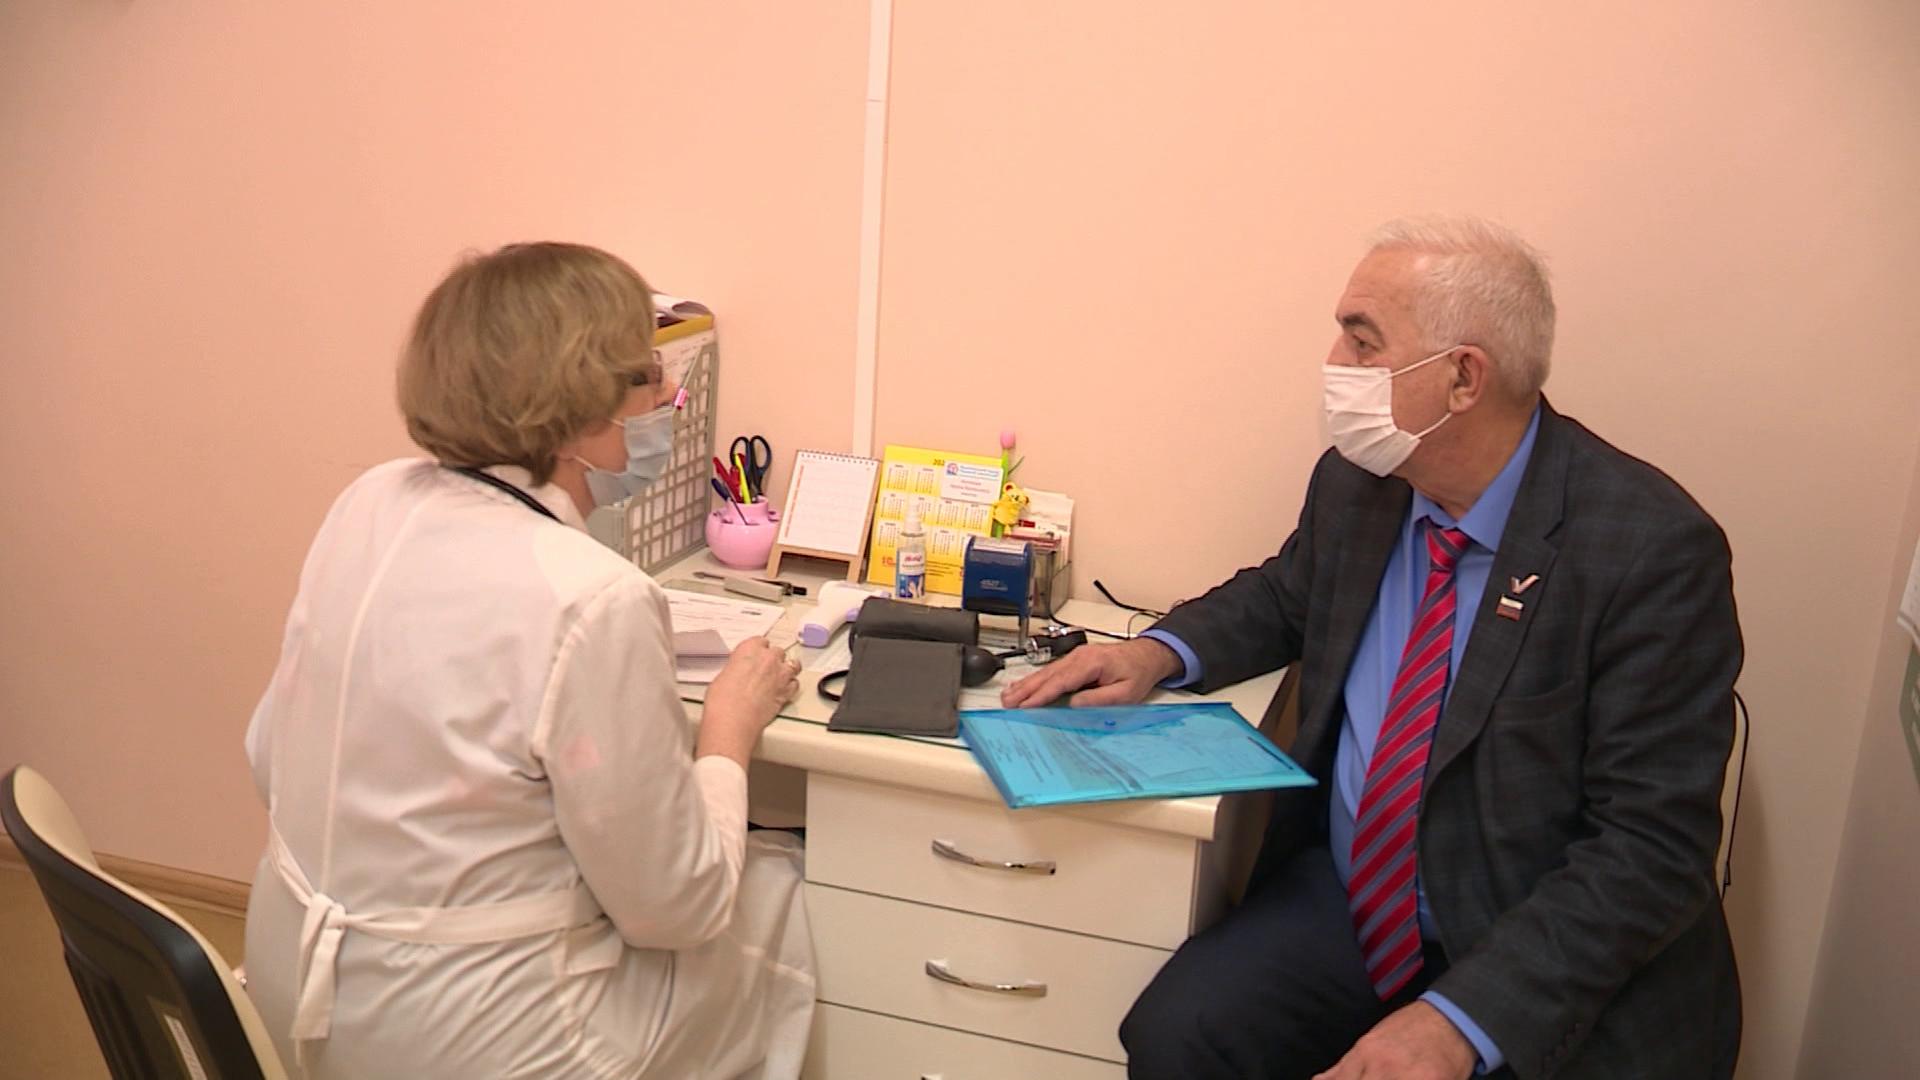 Костромичей-депутатов Облдумы сегодня привили от коронавируса